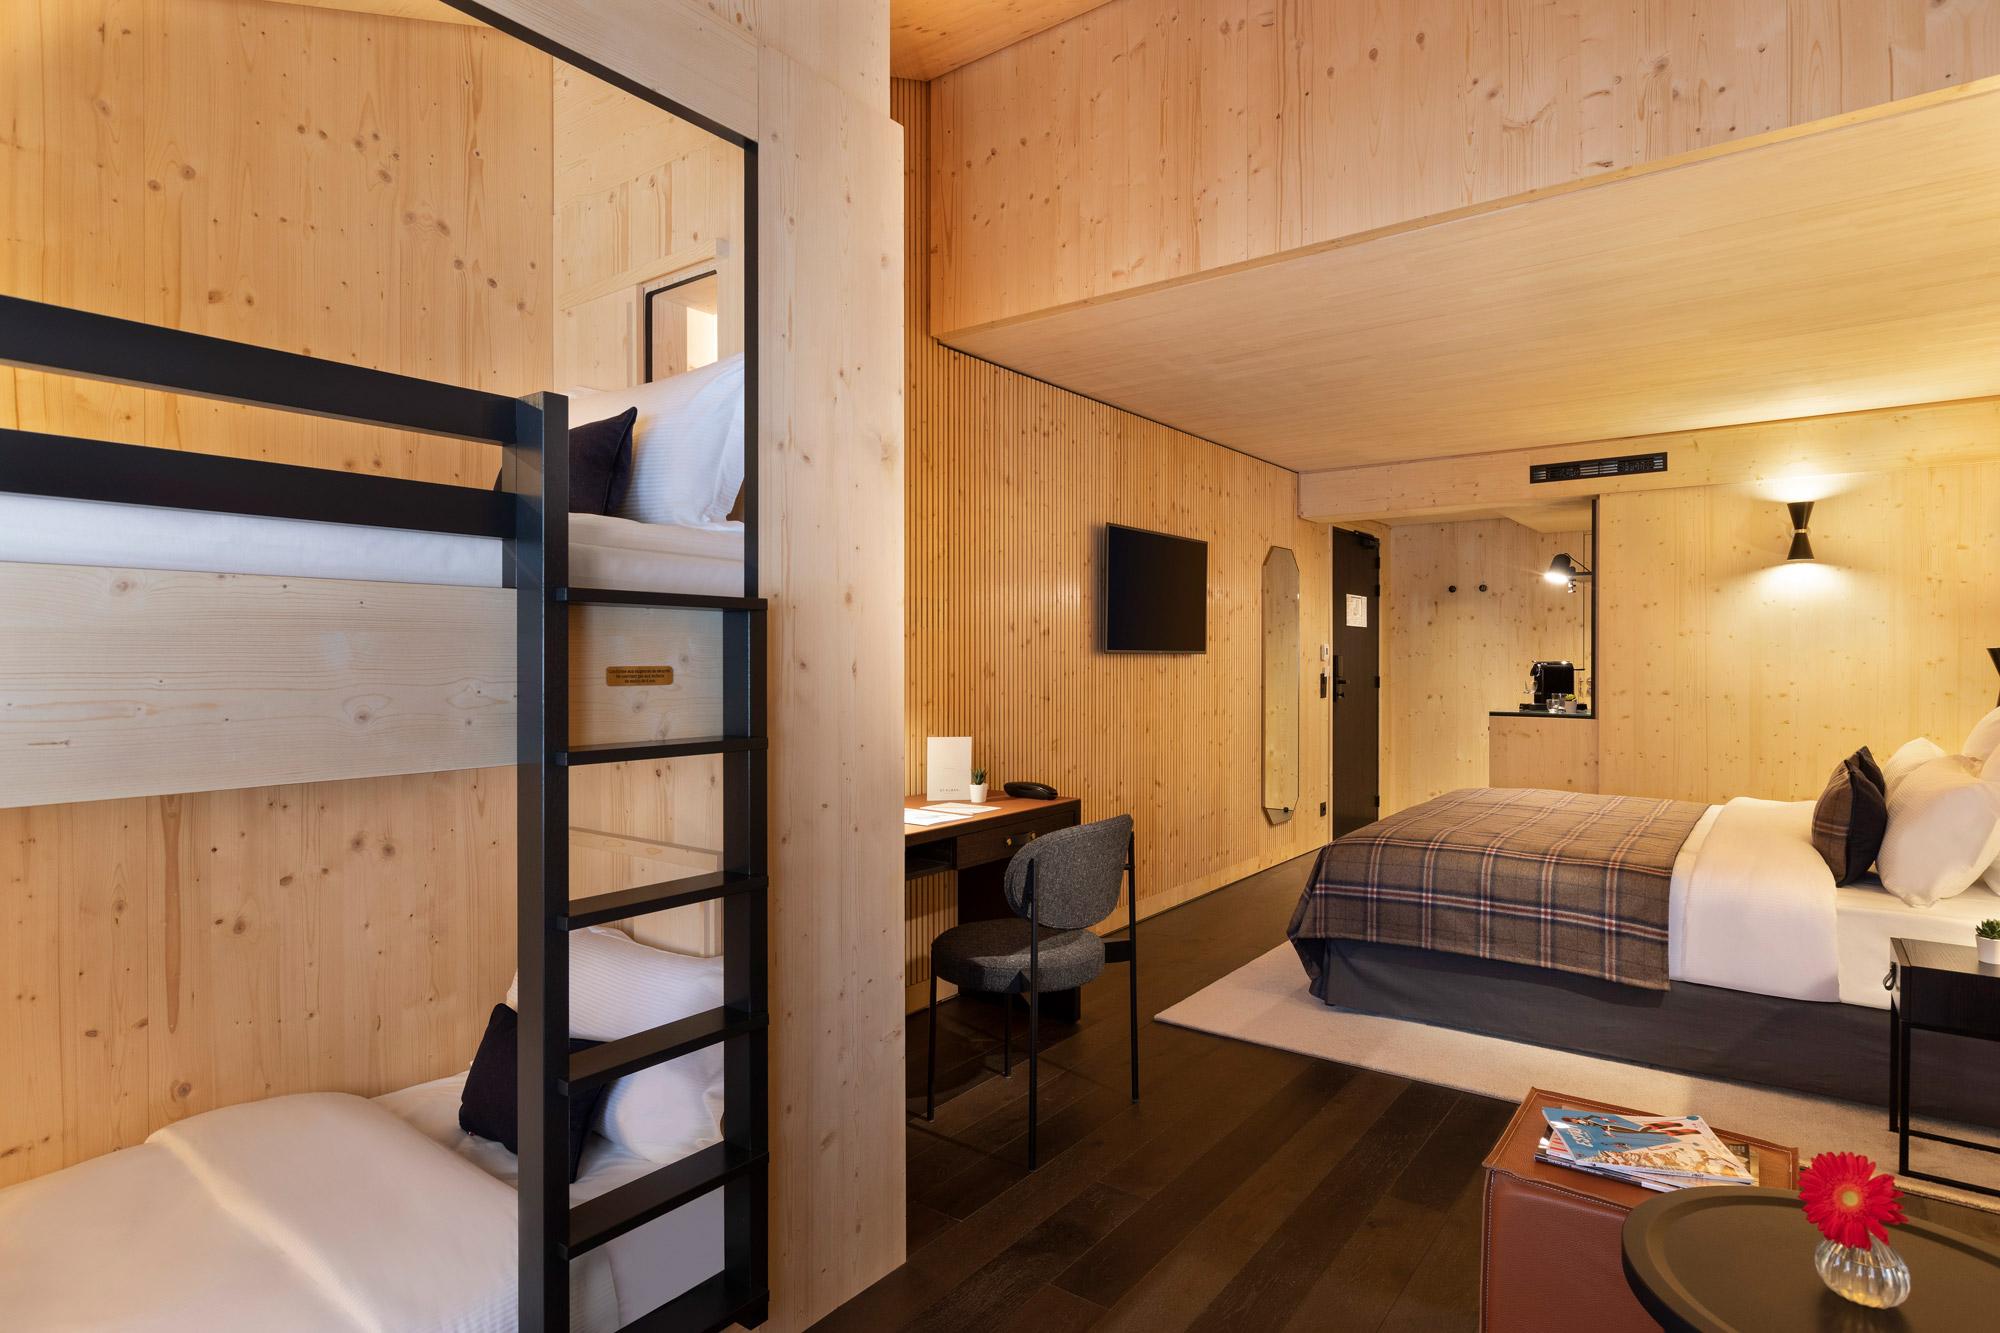 St-Alban-Hotel-&-Spa—Familiale-(3)